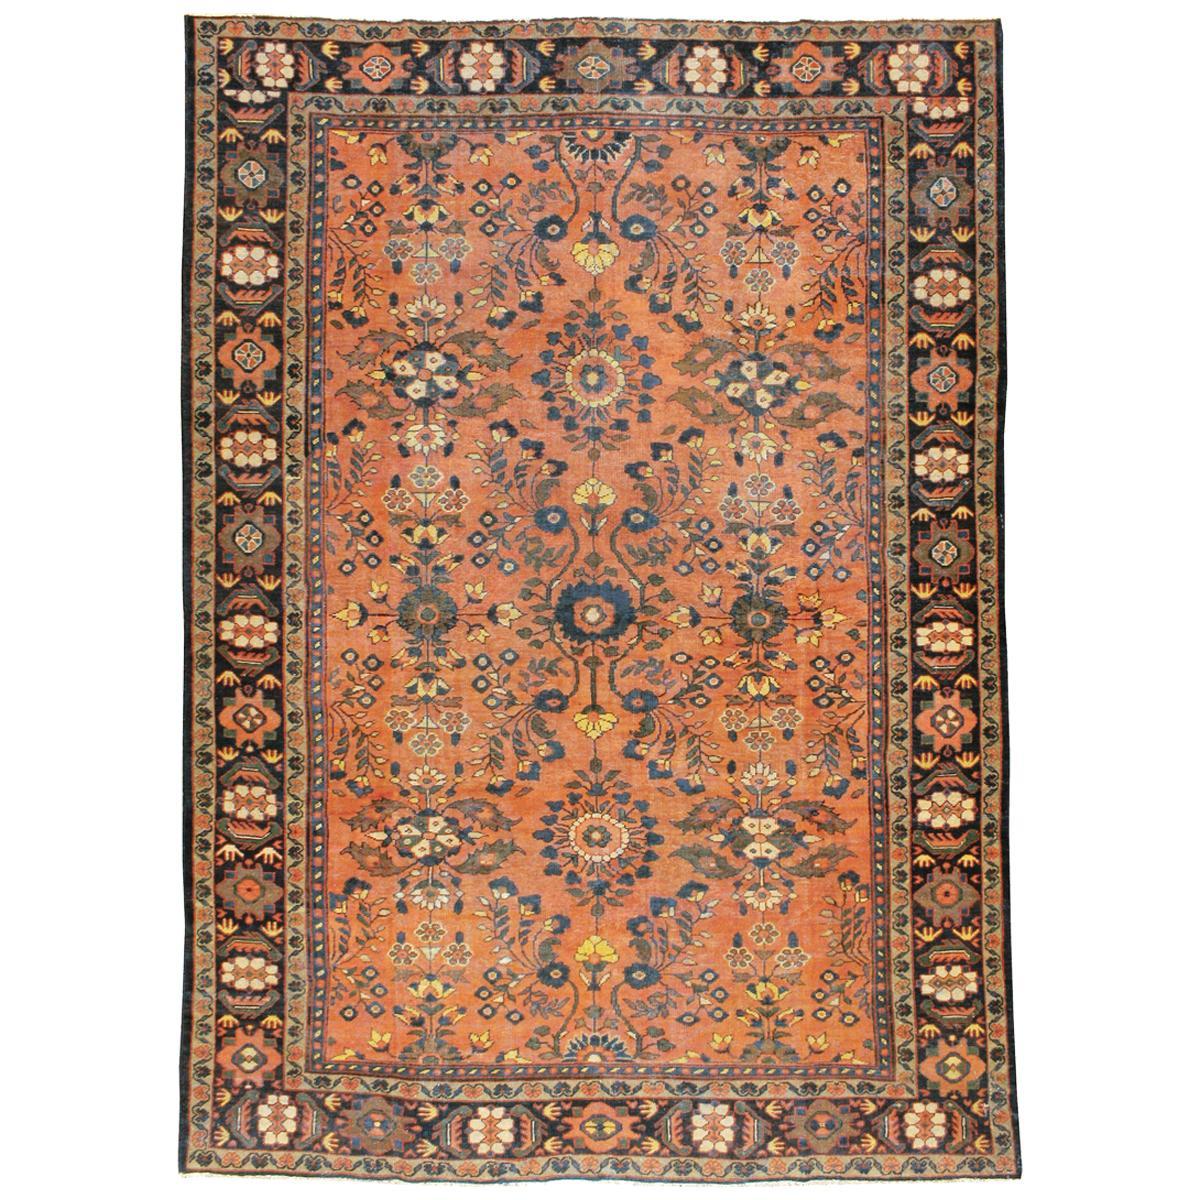 Vintage Persian Mahal Carpet